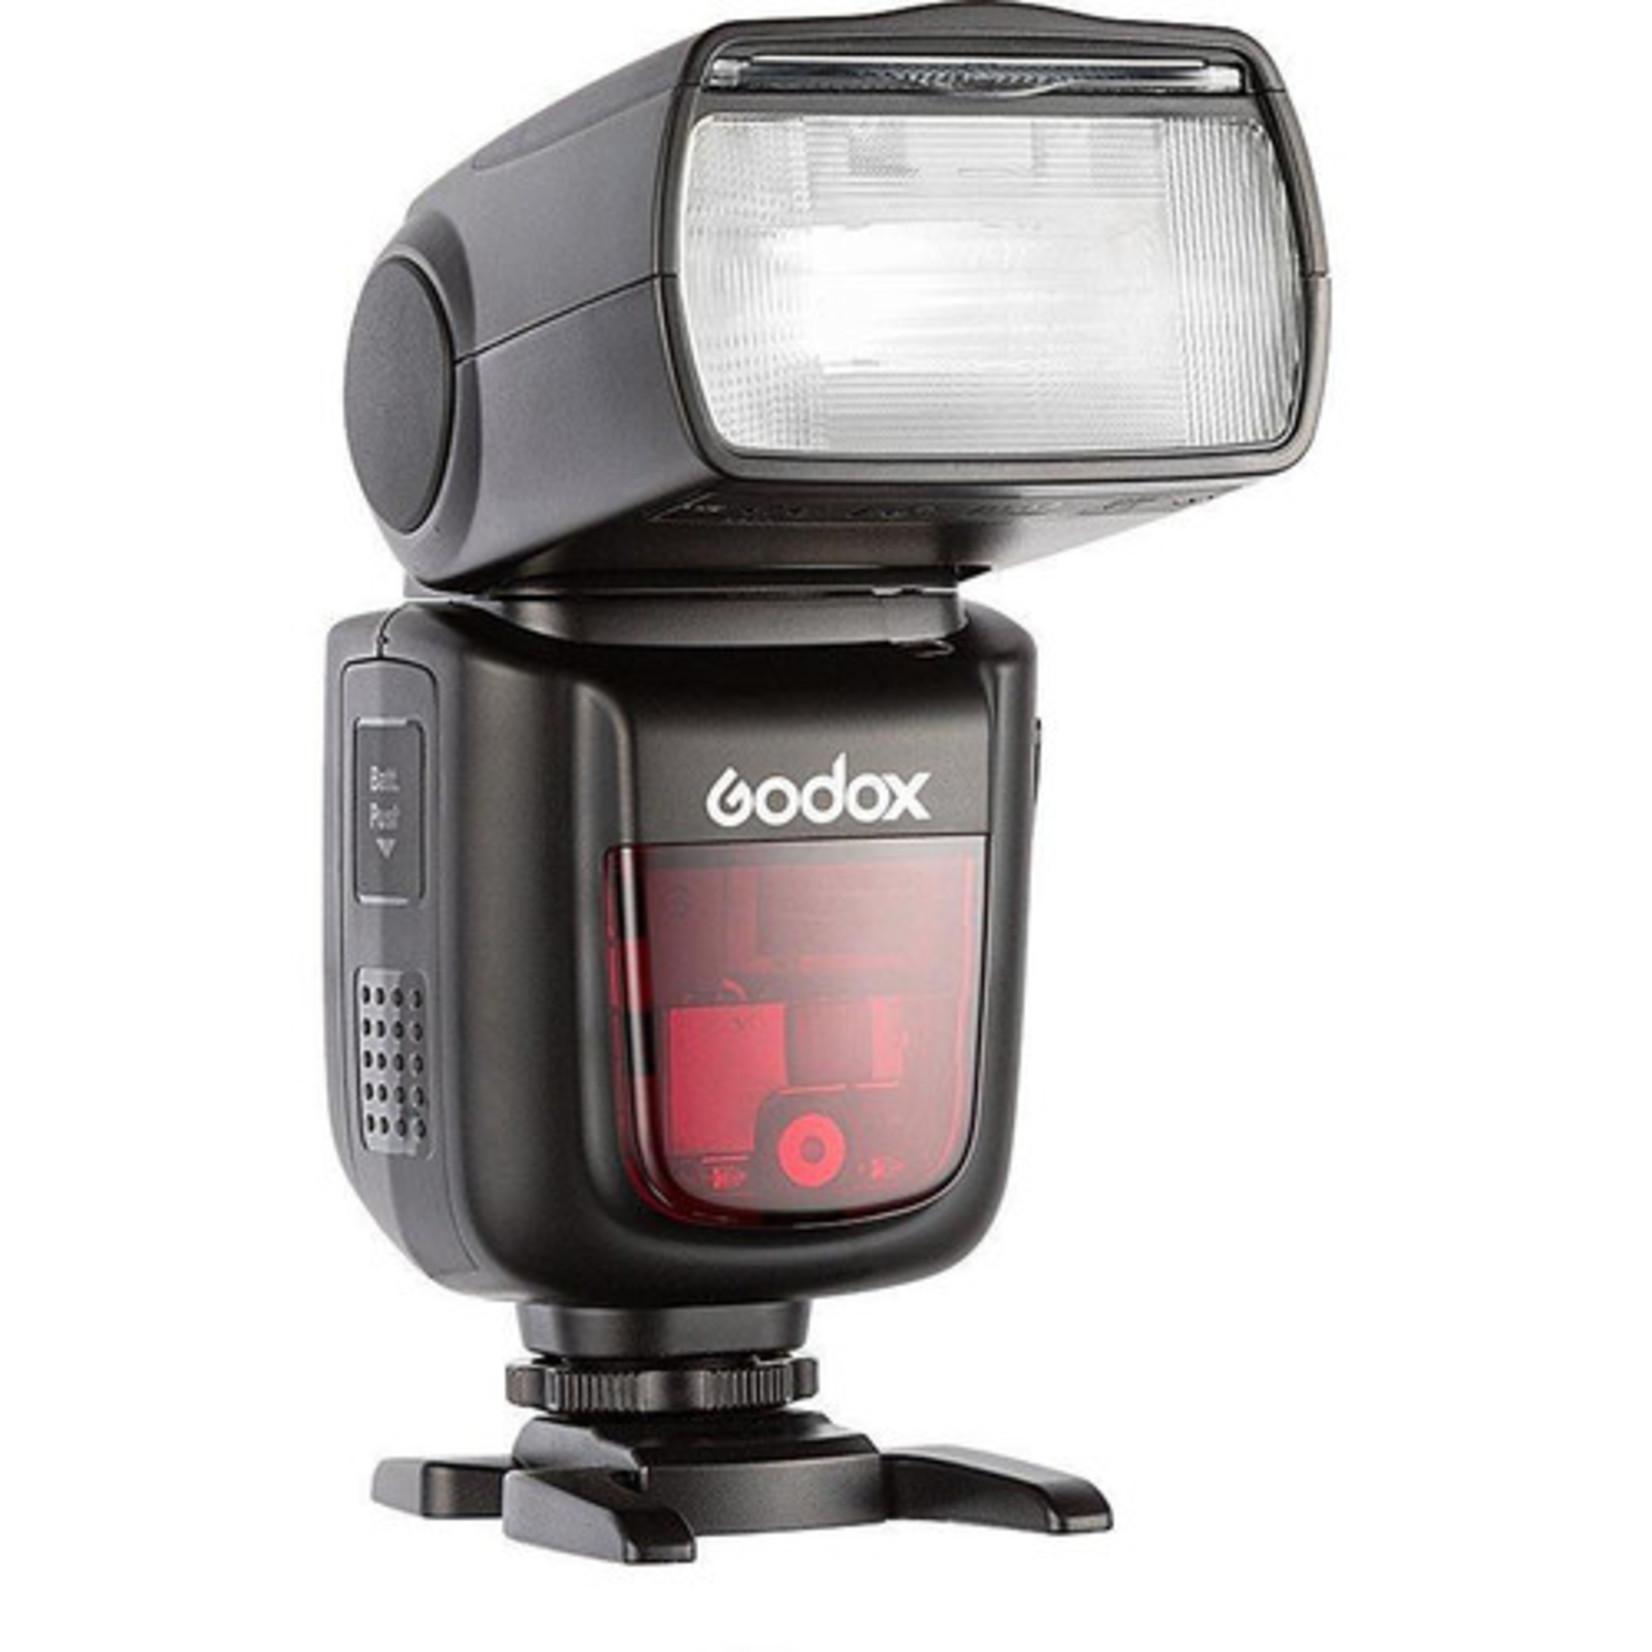 Godox GodoxVING V860 II Li-Ion Flash for Sony